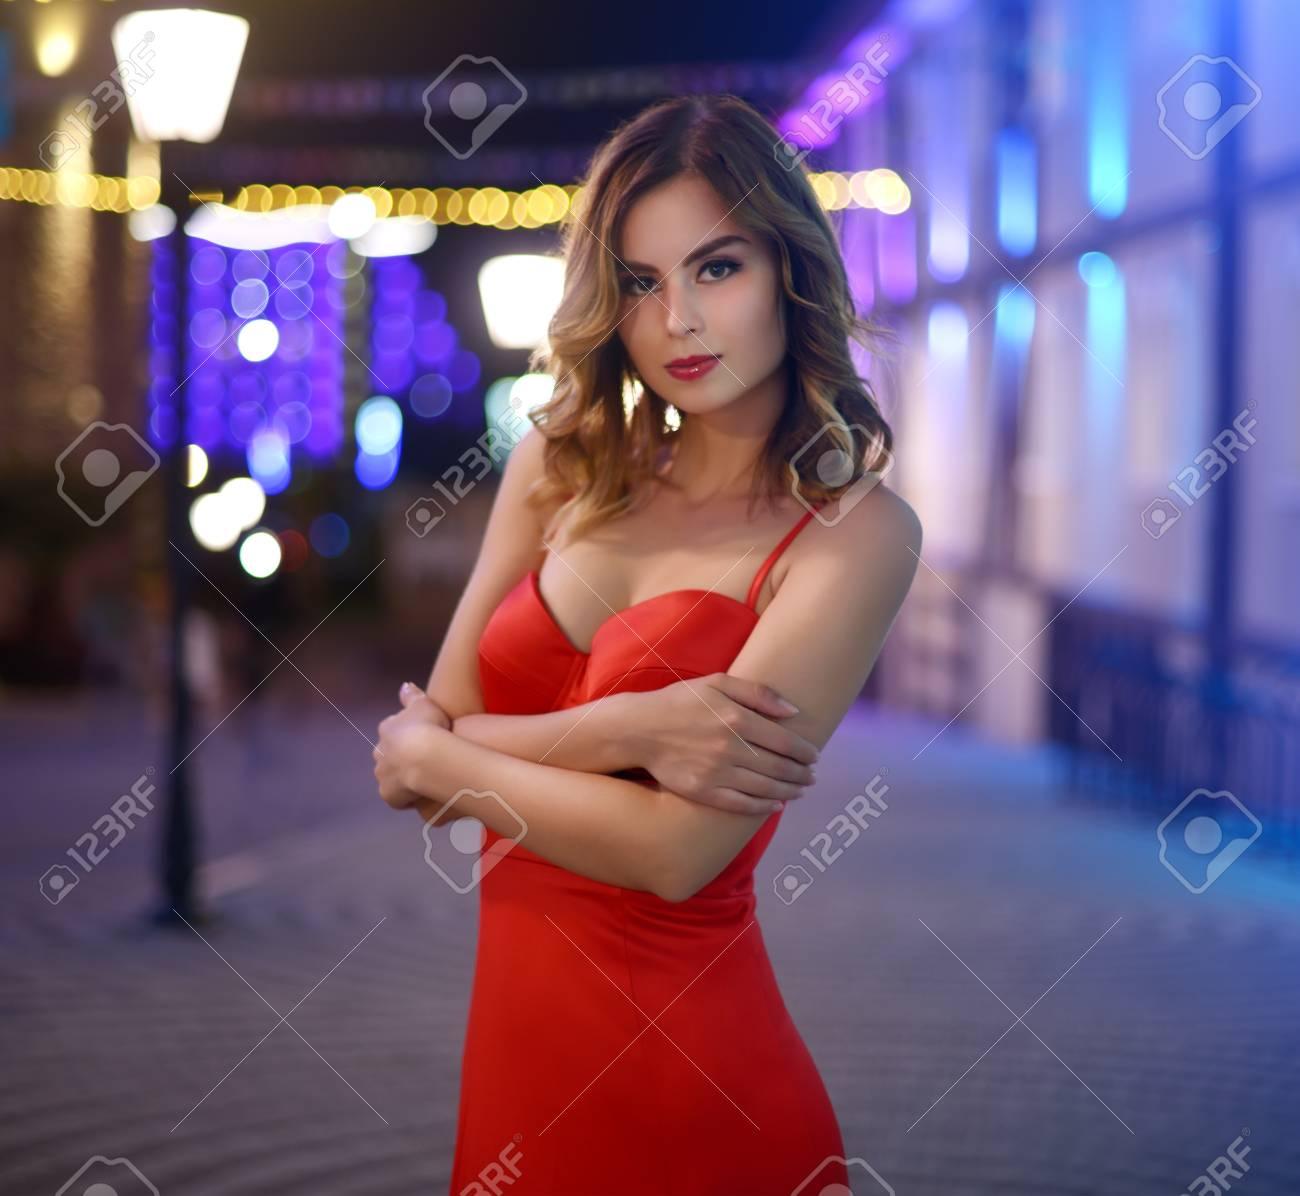 веб девушка модель сочи